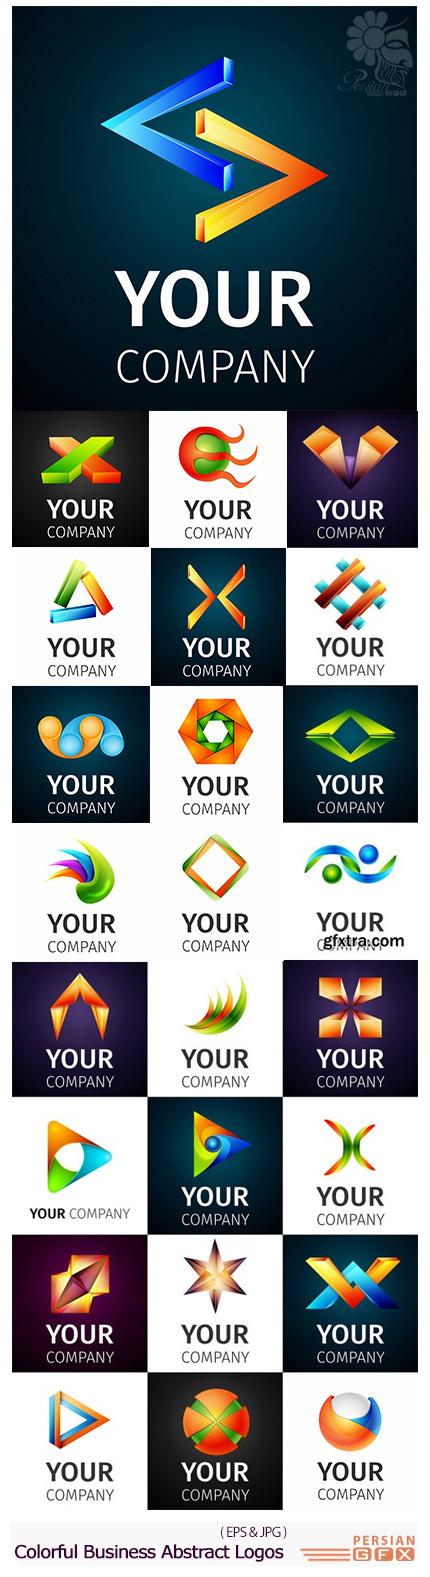 دانلود تصاویر وکتور آرم و لوگوی تجاری با طرح های انتزاعی - Stock Vector Colorful Business Abstract Logos